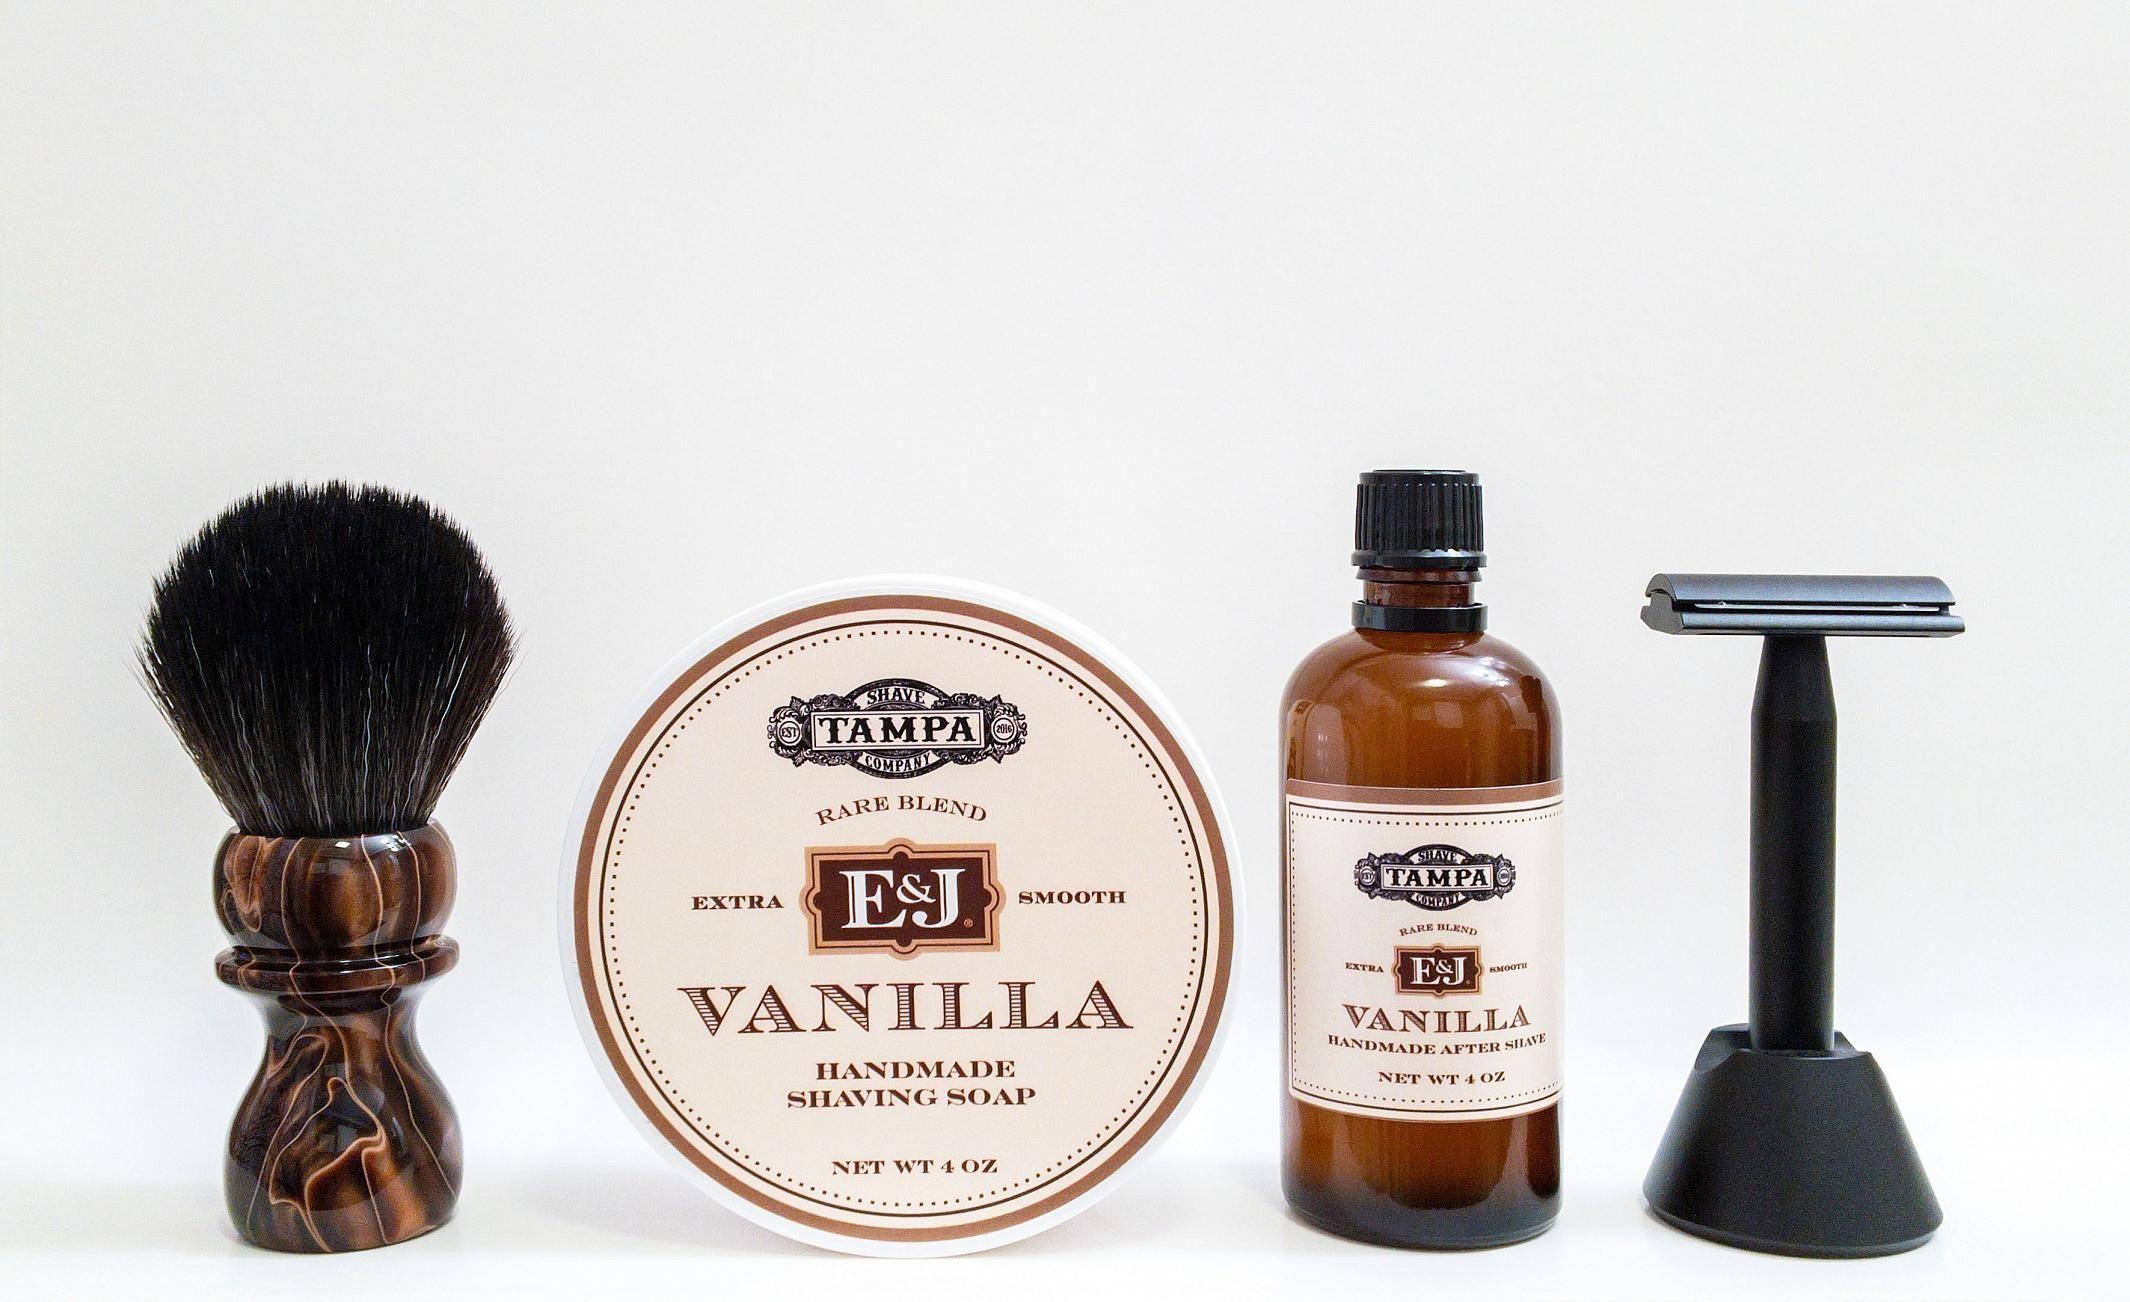 TSC/KSW E&J Vanilla